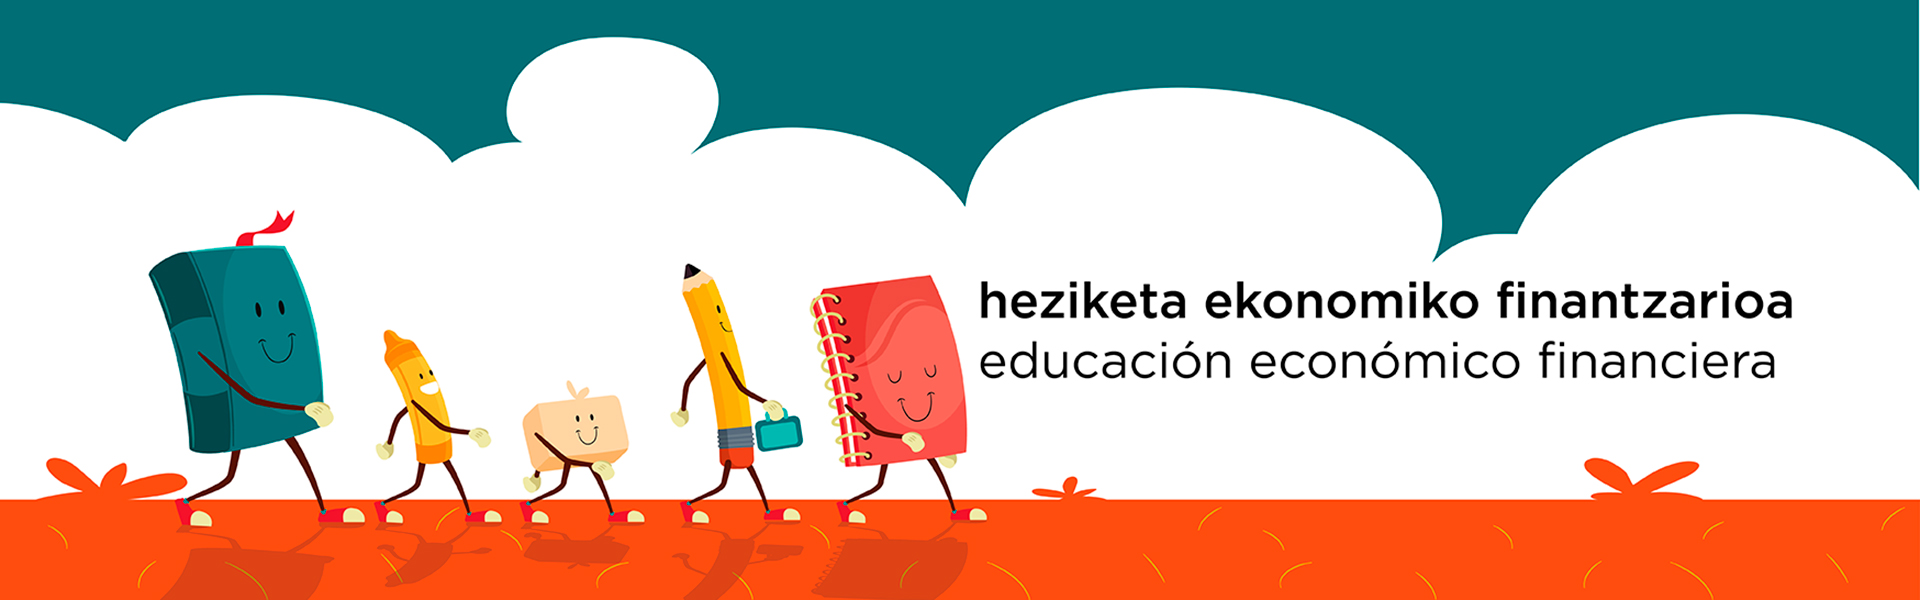 EDUCACIÓN ECONÓMICO-FINANCIERA